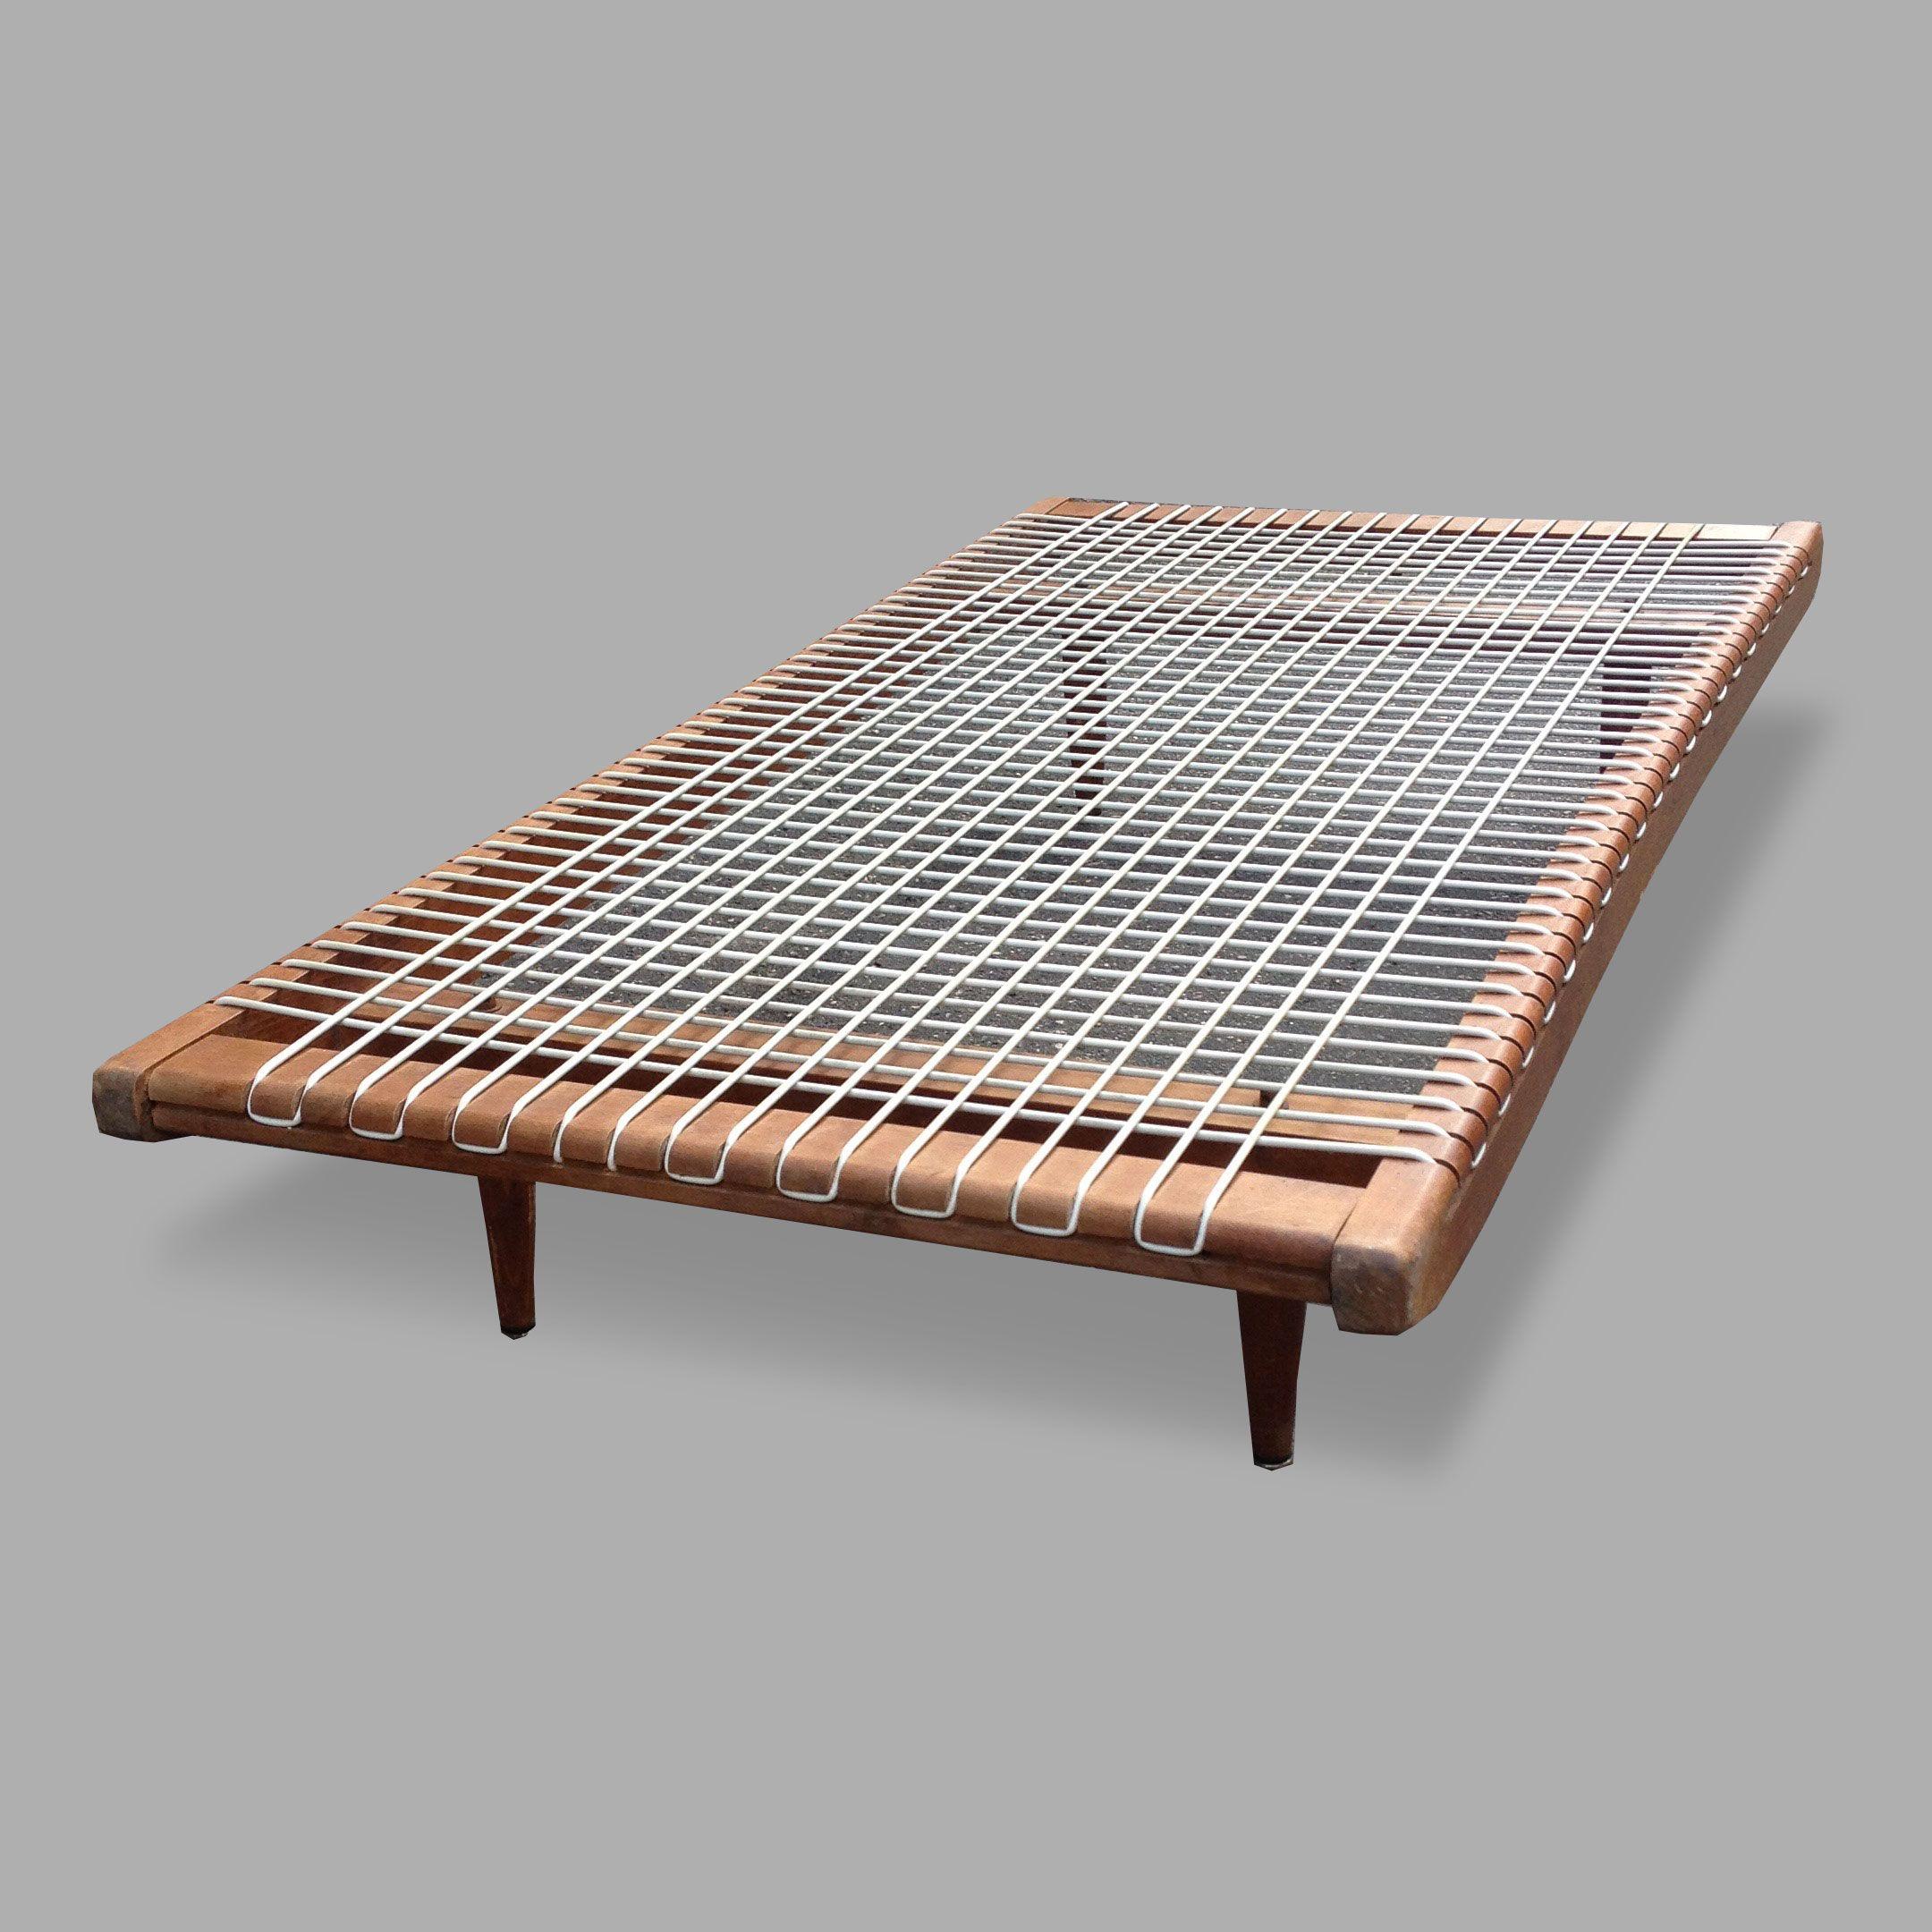 Table basse bois et fil plastique des années 50 / EN VENTE DANS ...